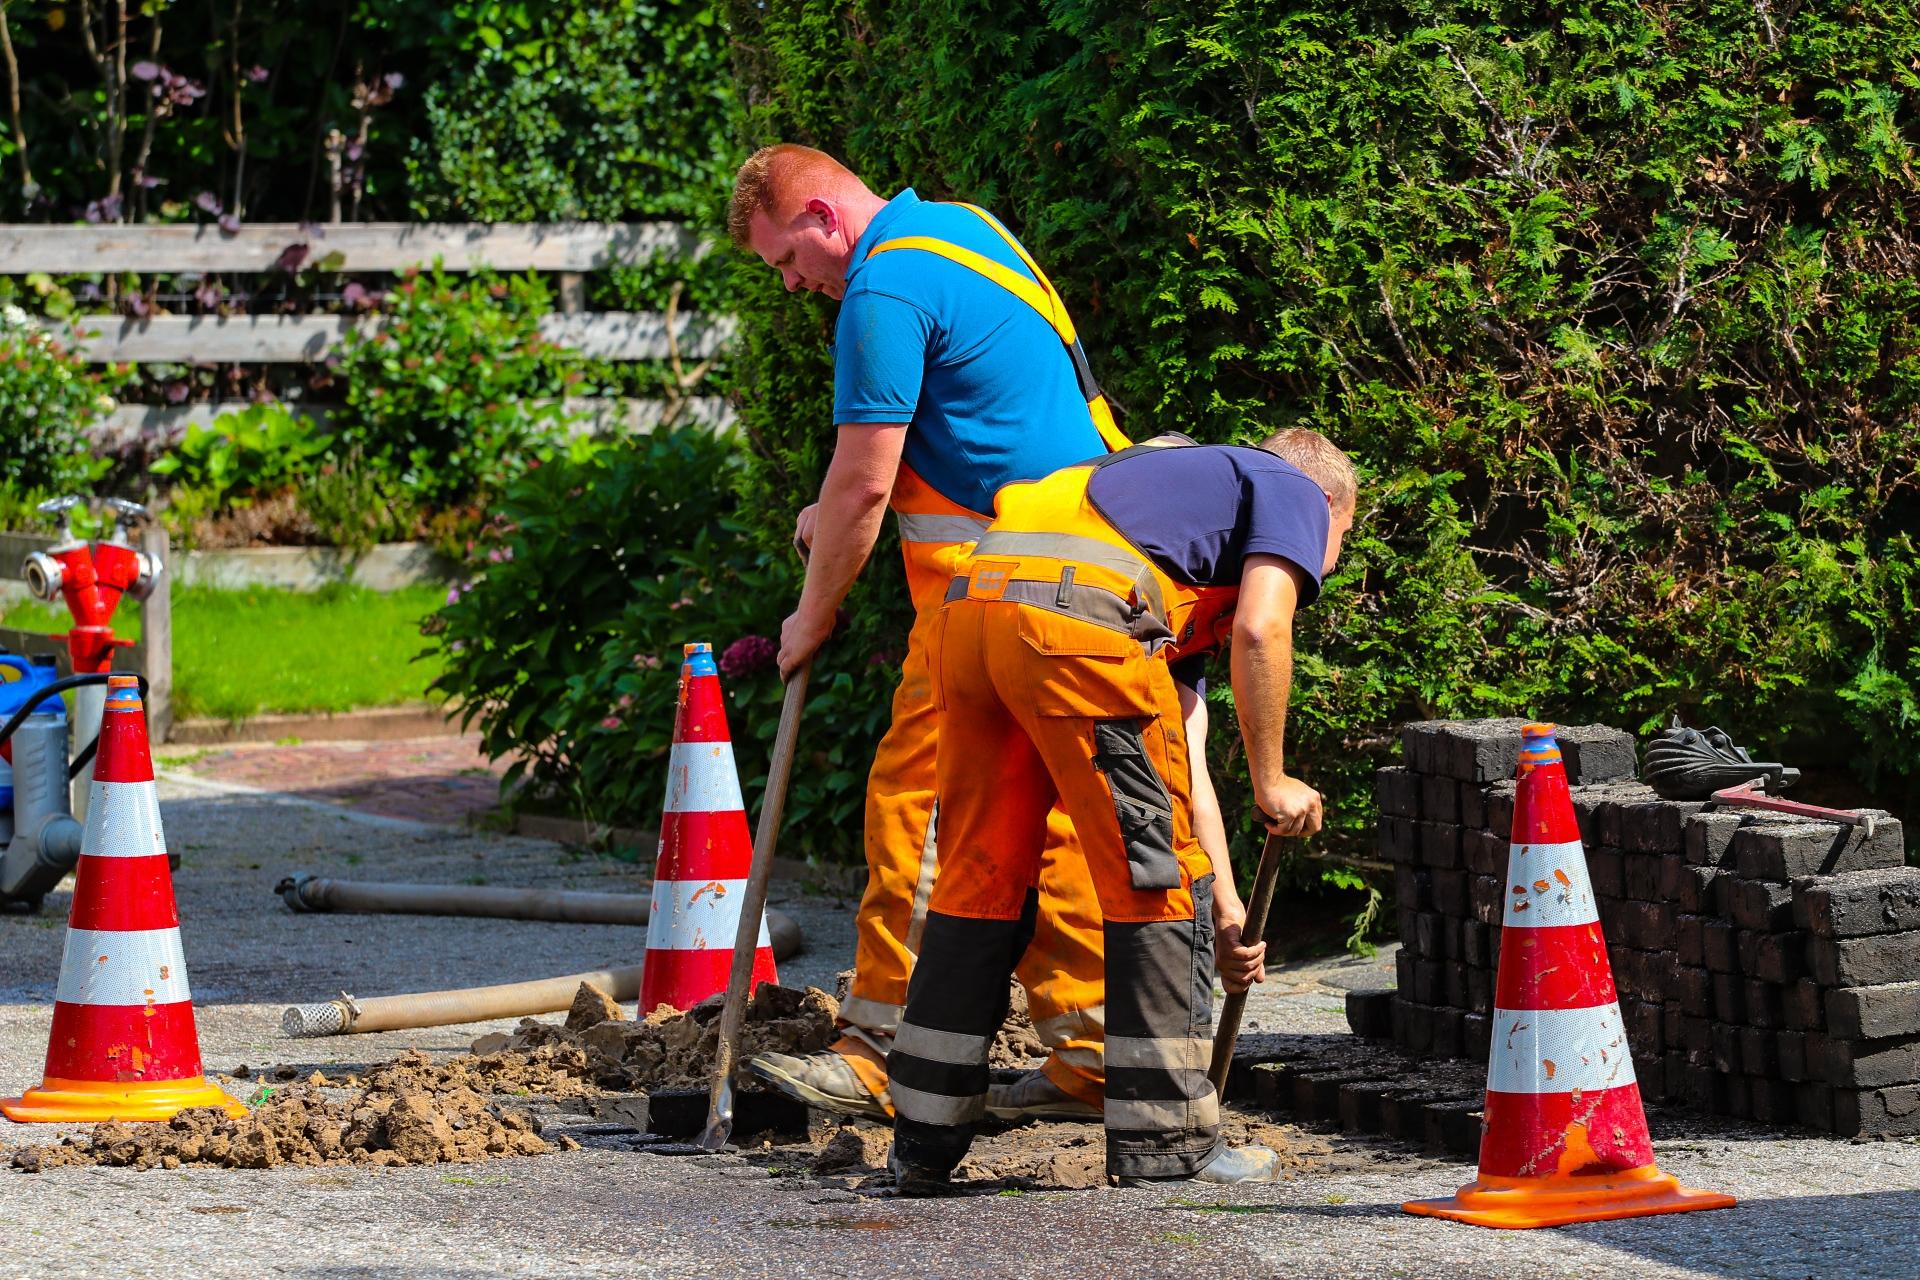 Waterleiding gesprongen in de Tichelaarsdonk in Apeldoorn